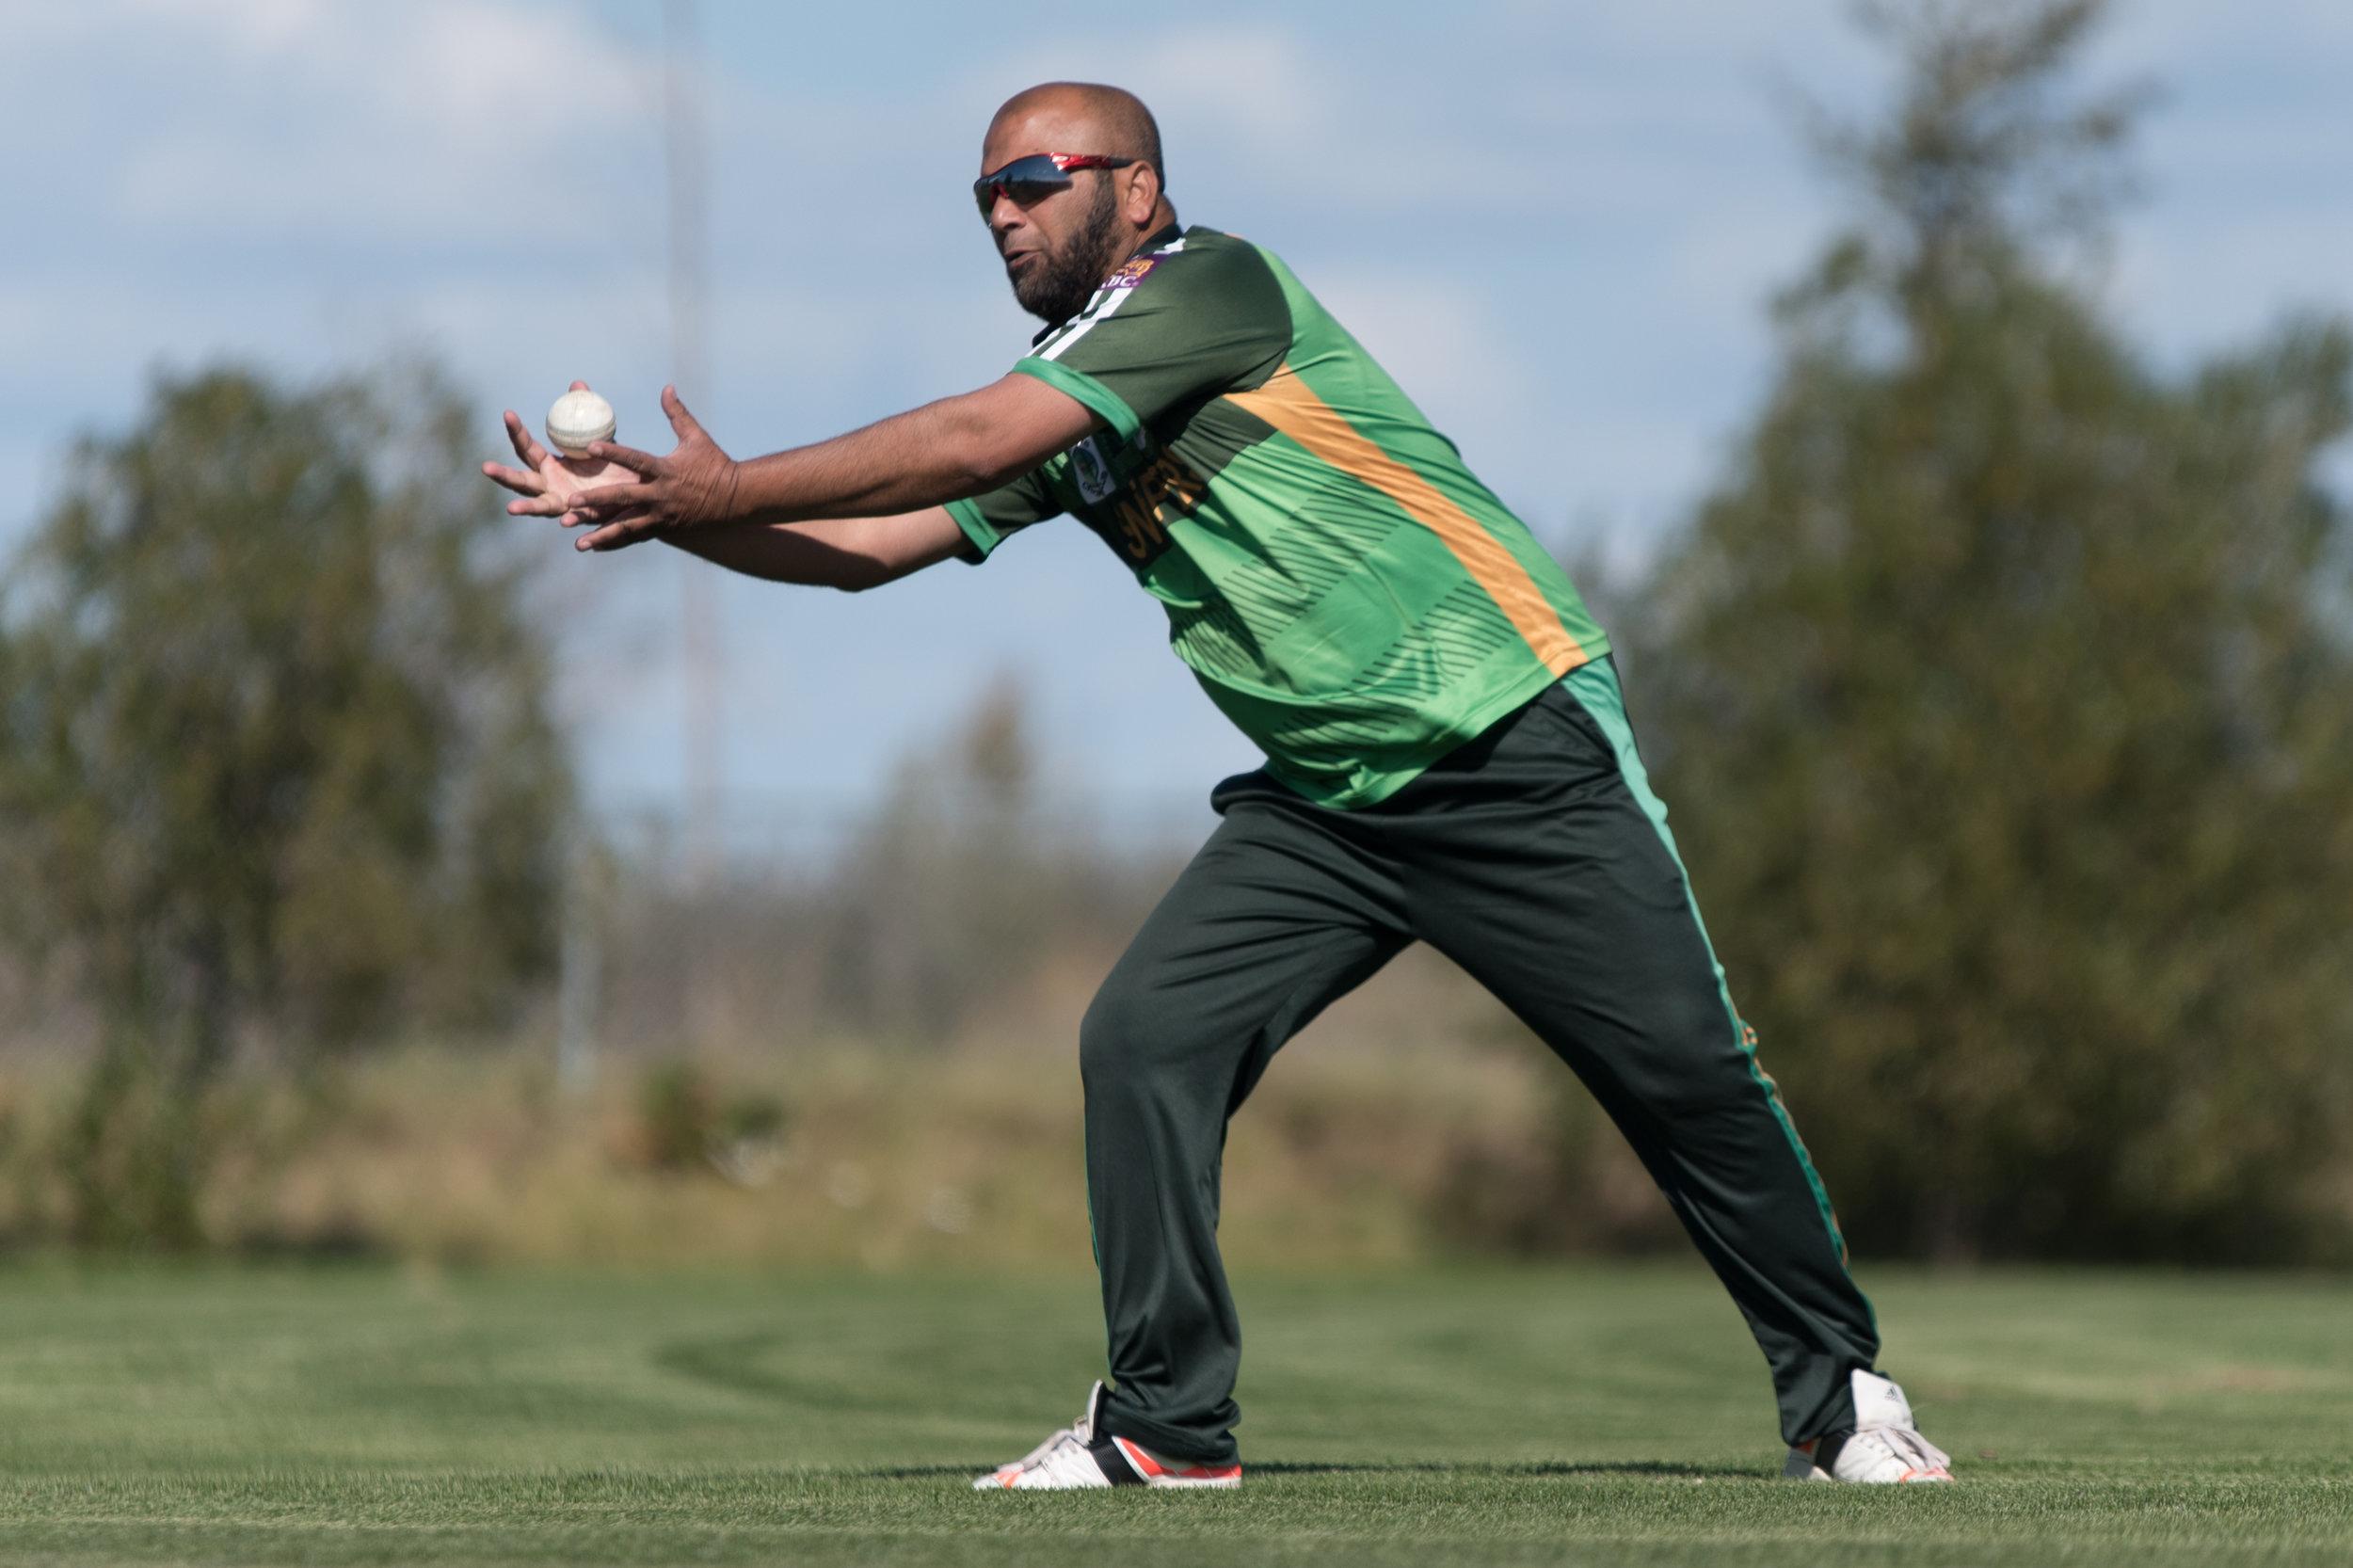 Cricket-0324.jpg